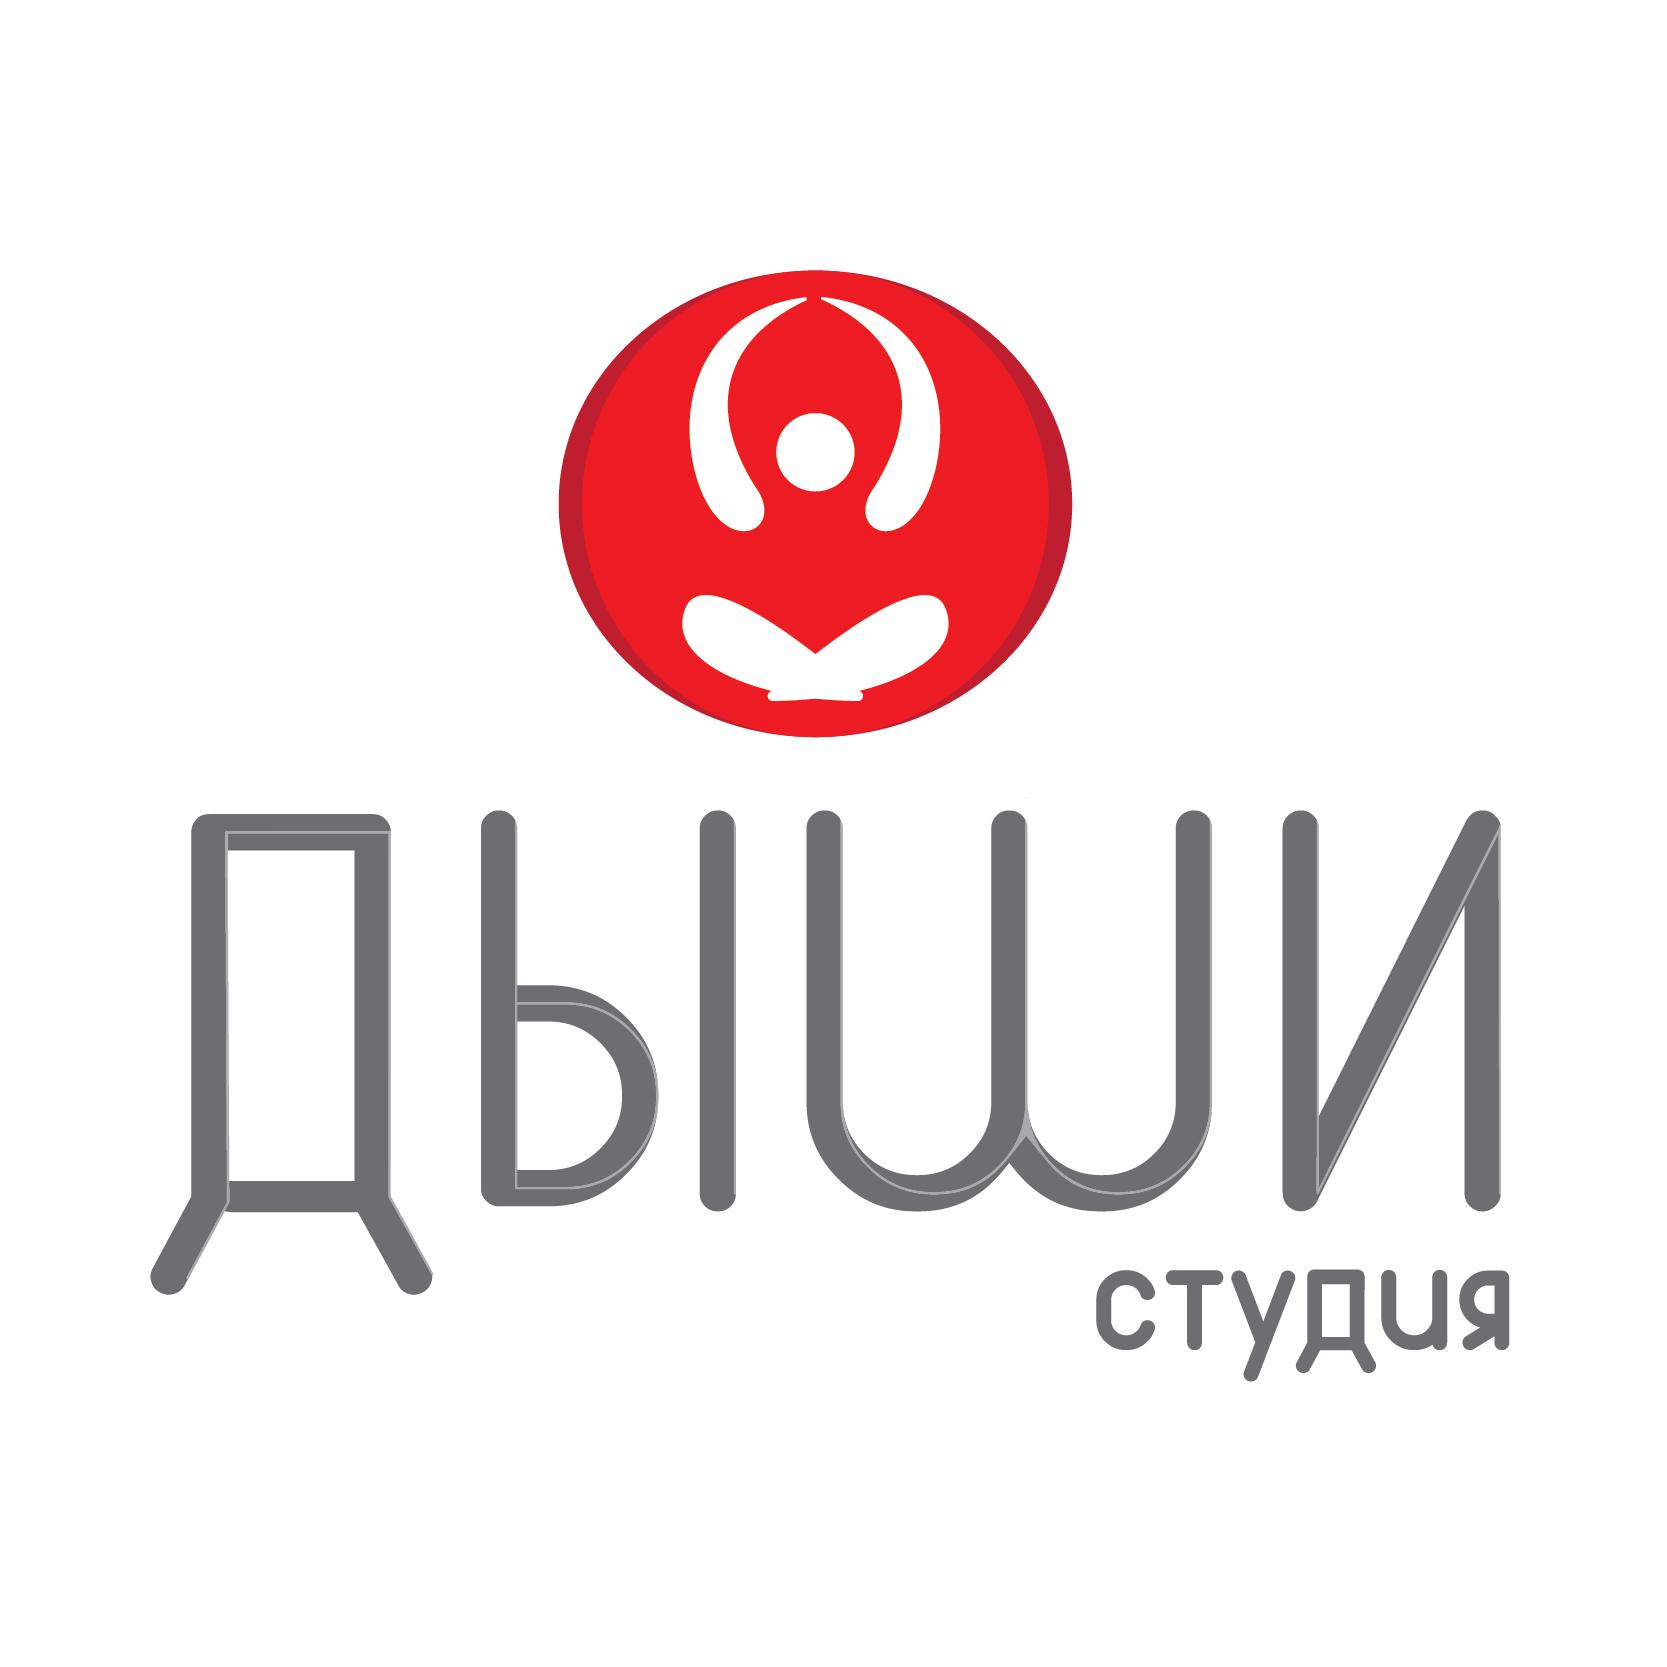 """Логотип для студии """"Дыши""""  и фирменный стиль фото f_22956f10f23920df.jpg"""